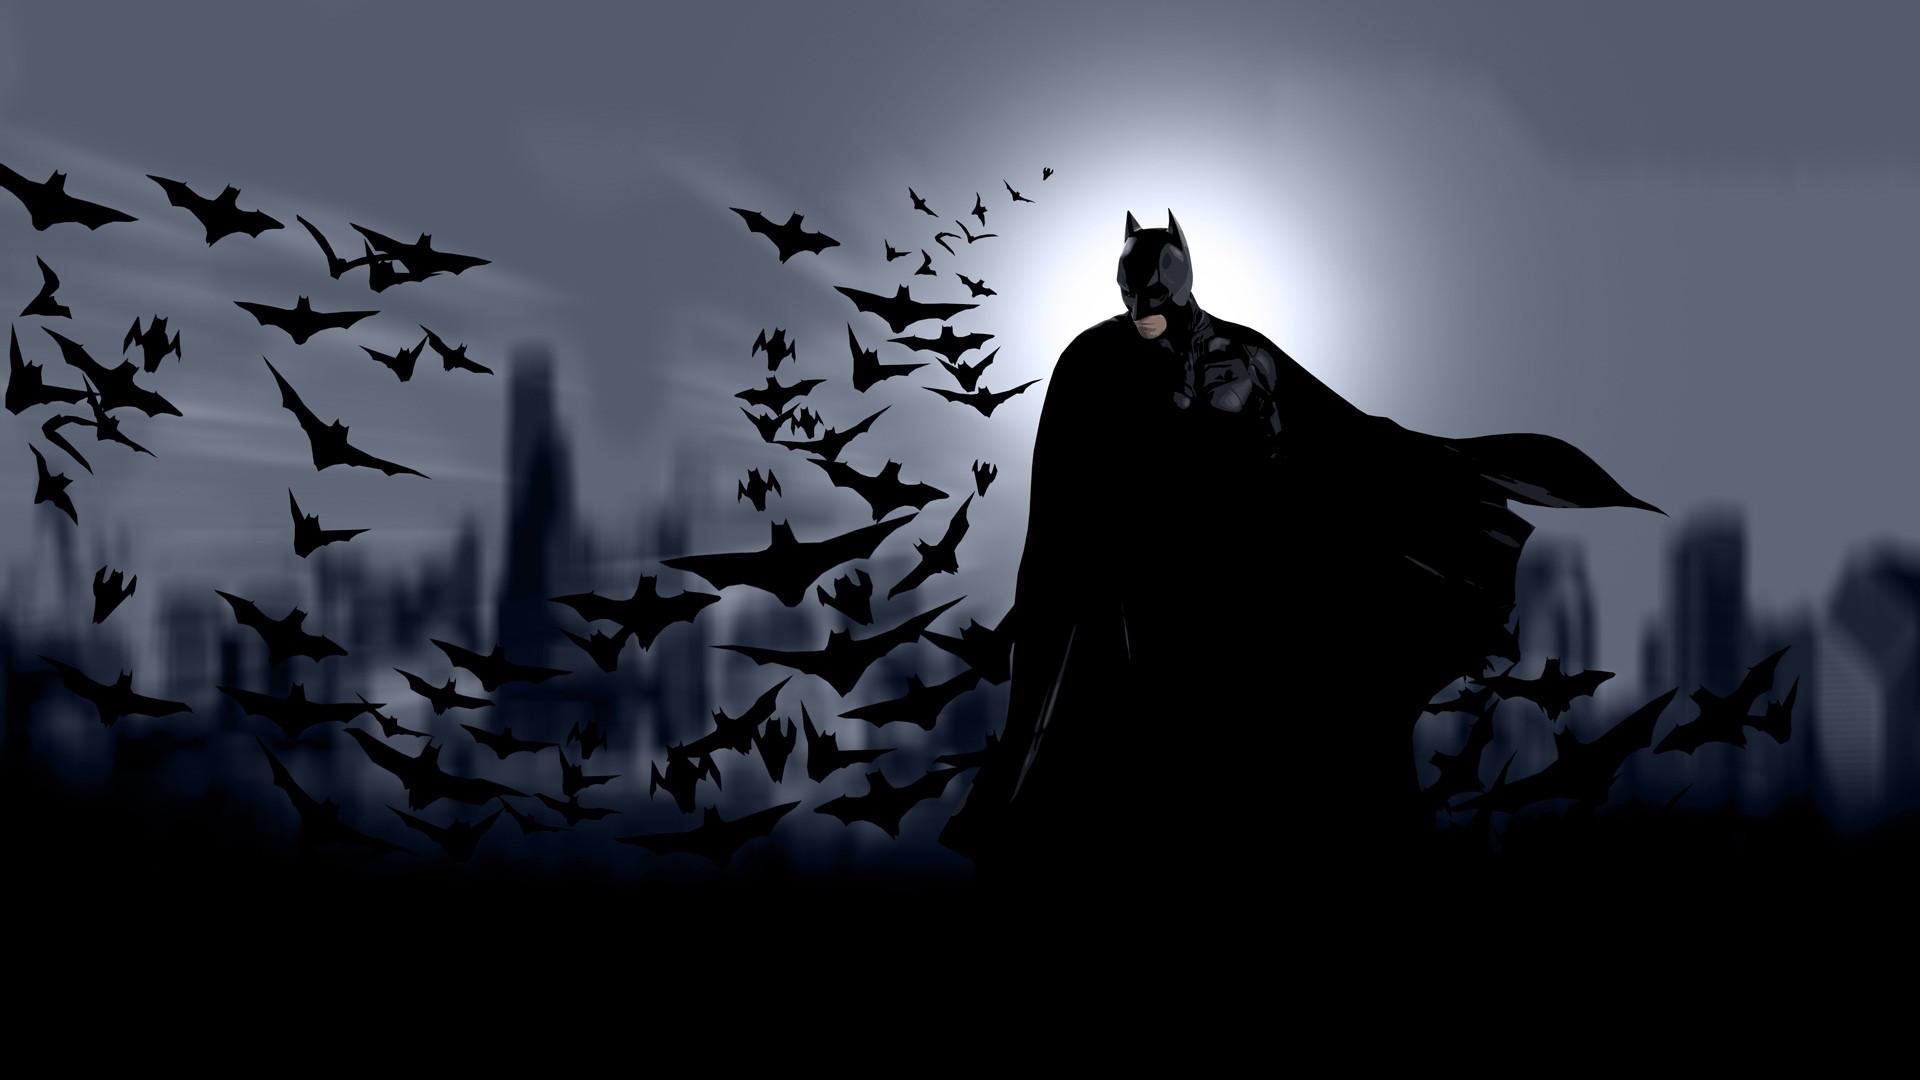 Batman-Comic-Strip-wallpaper-wp3402887